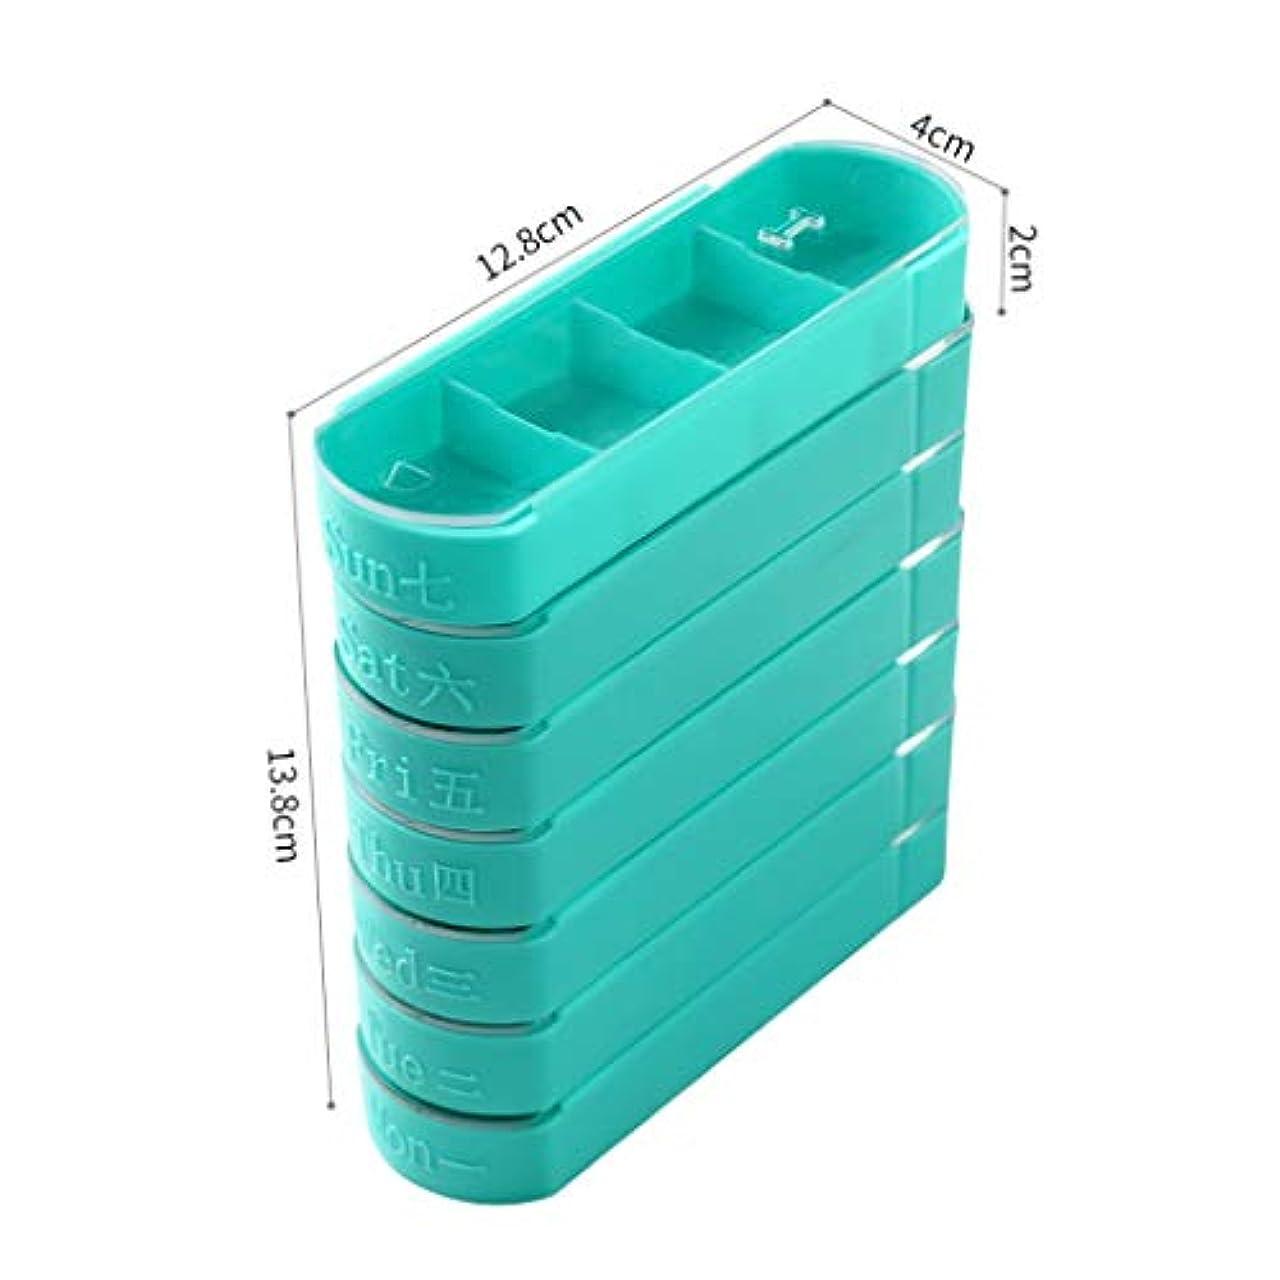 旅行者槍同様にミニ1週間の小さなピルボックスを運ぶポータブル薬注ボックス切断薬調剤ボックス大容量ピルボックス 薬箱 (Color : Green, Size : 12.8cm×13.8cm×4cm)